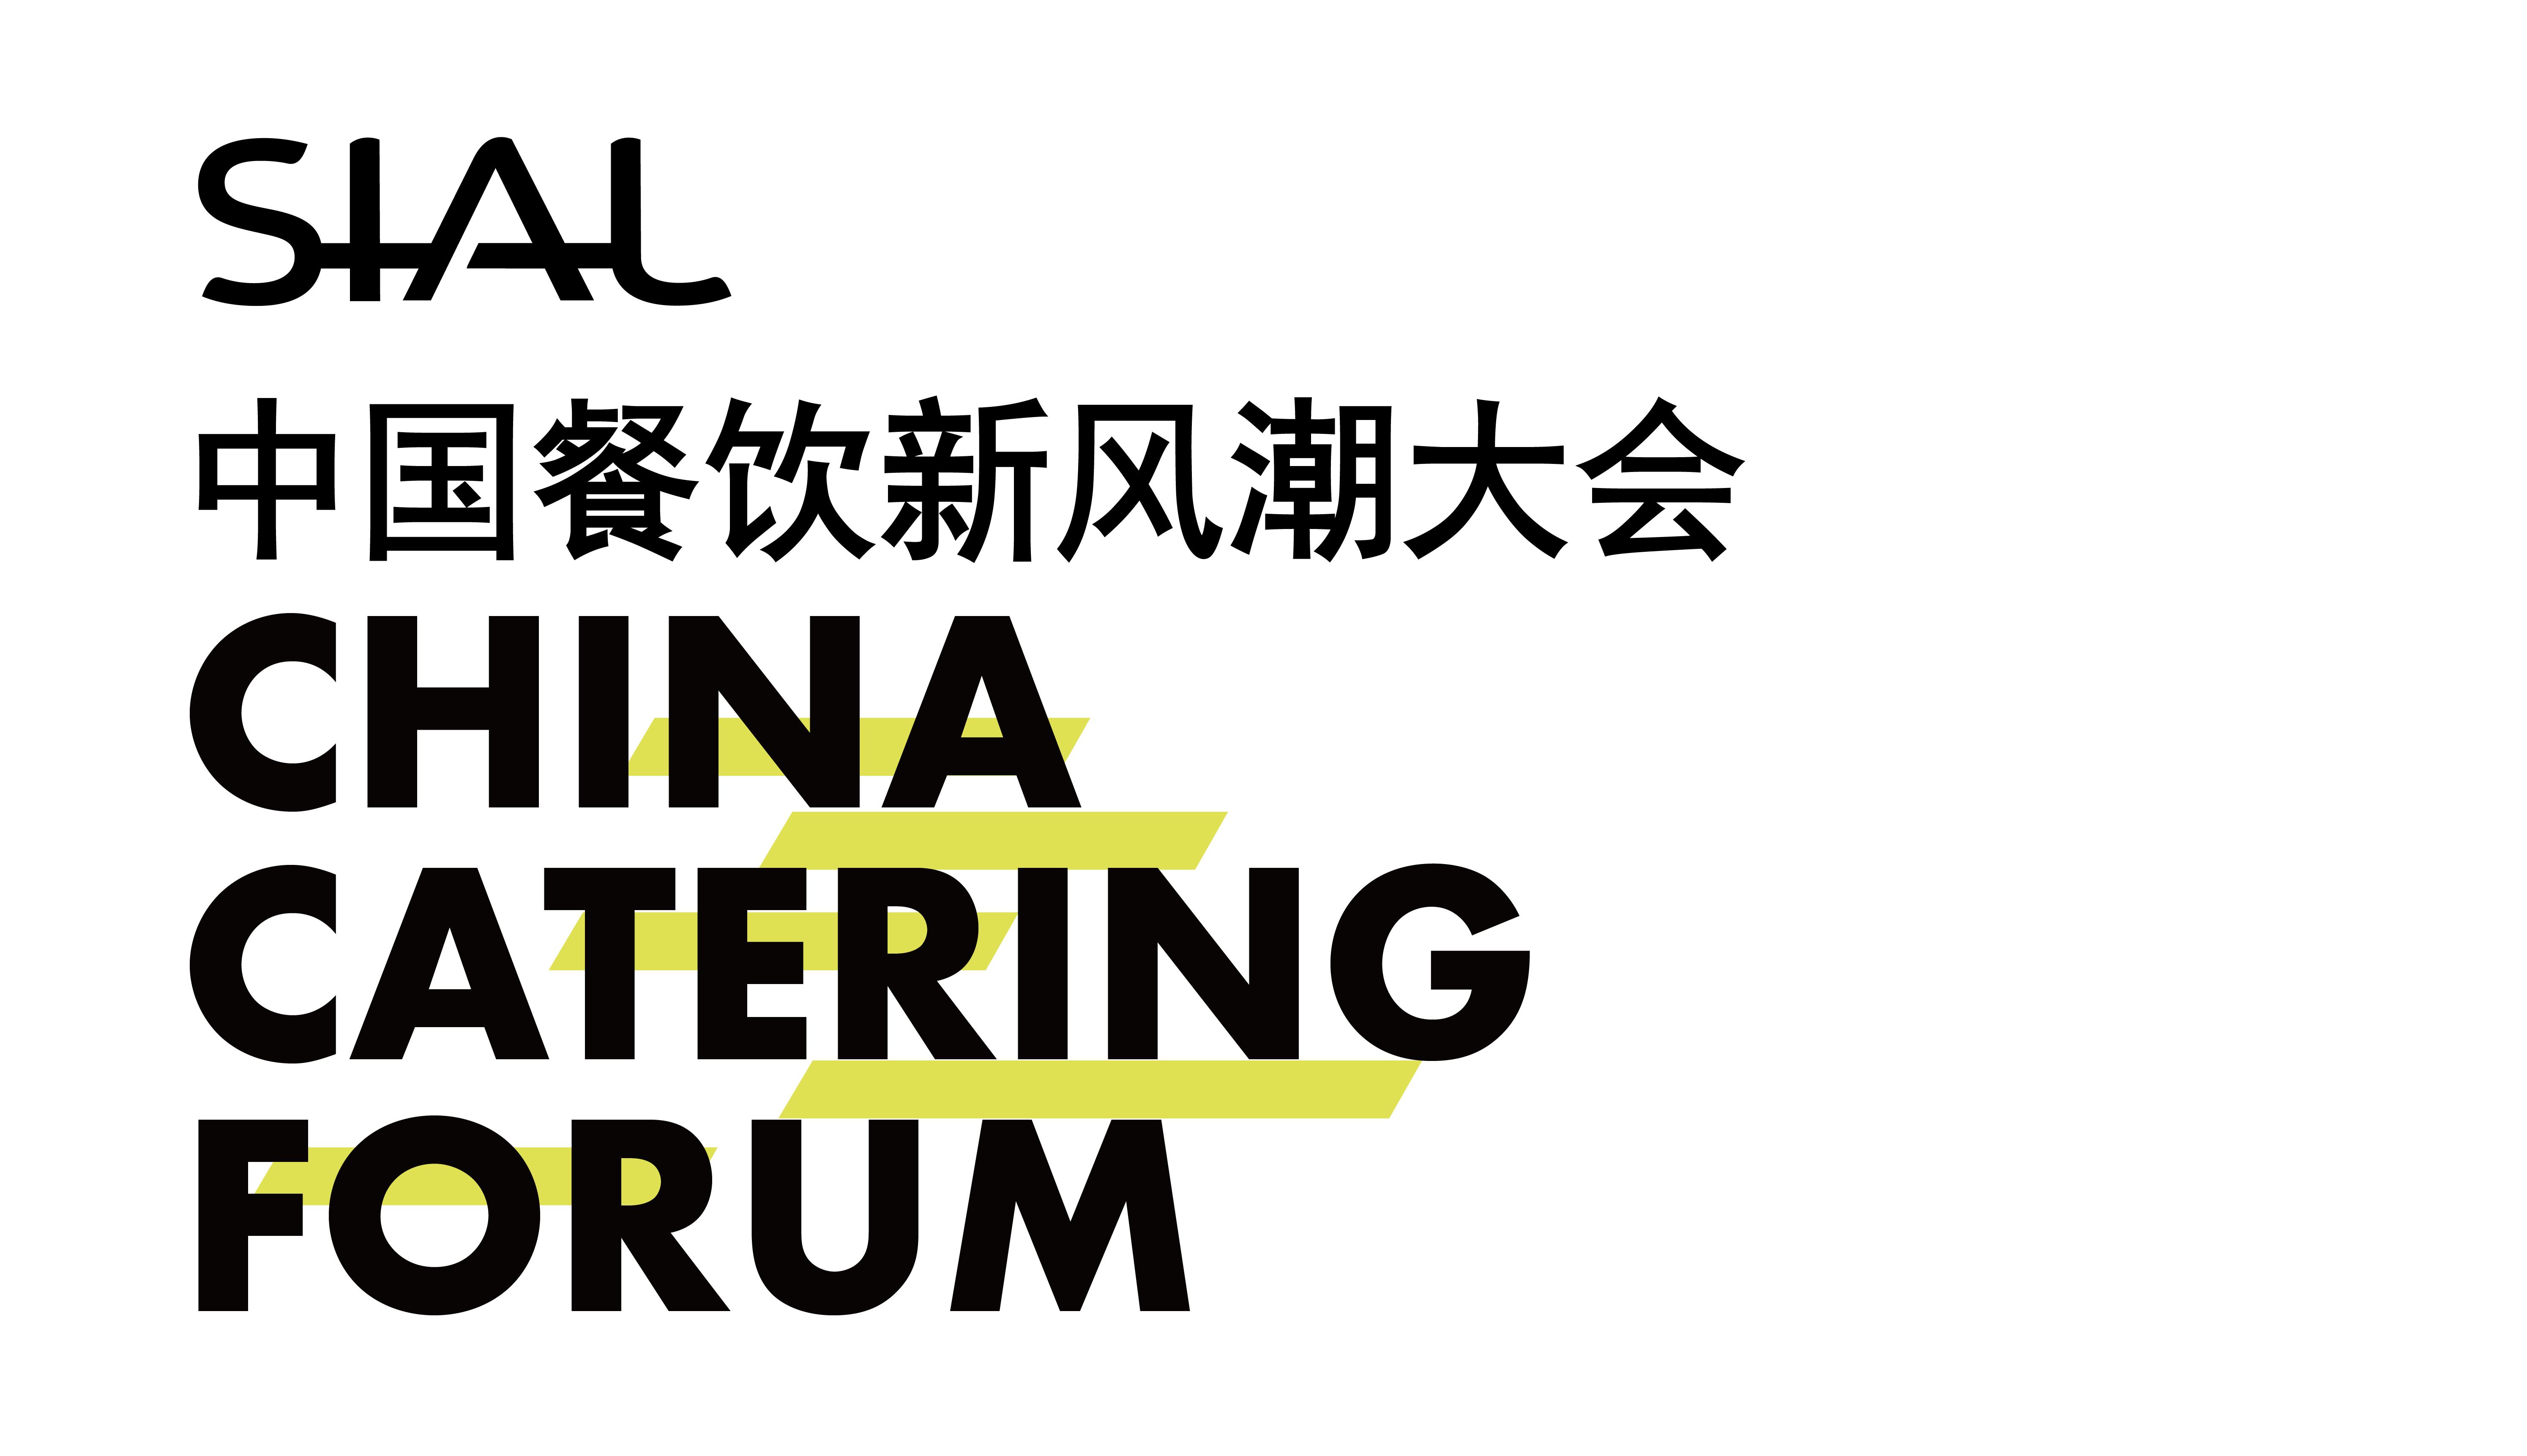 第二届中国餐饮新风潮论坛